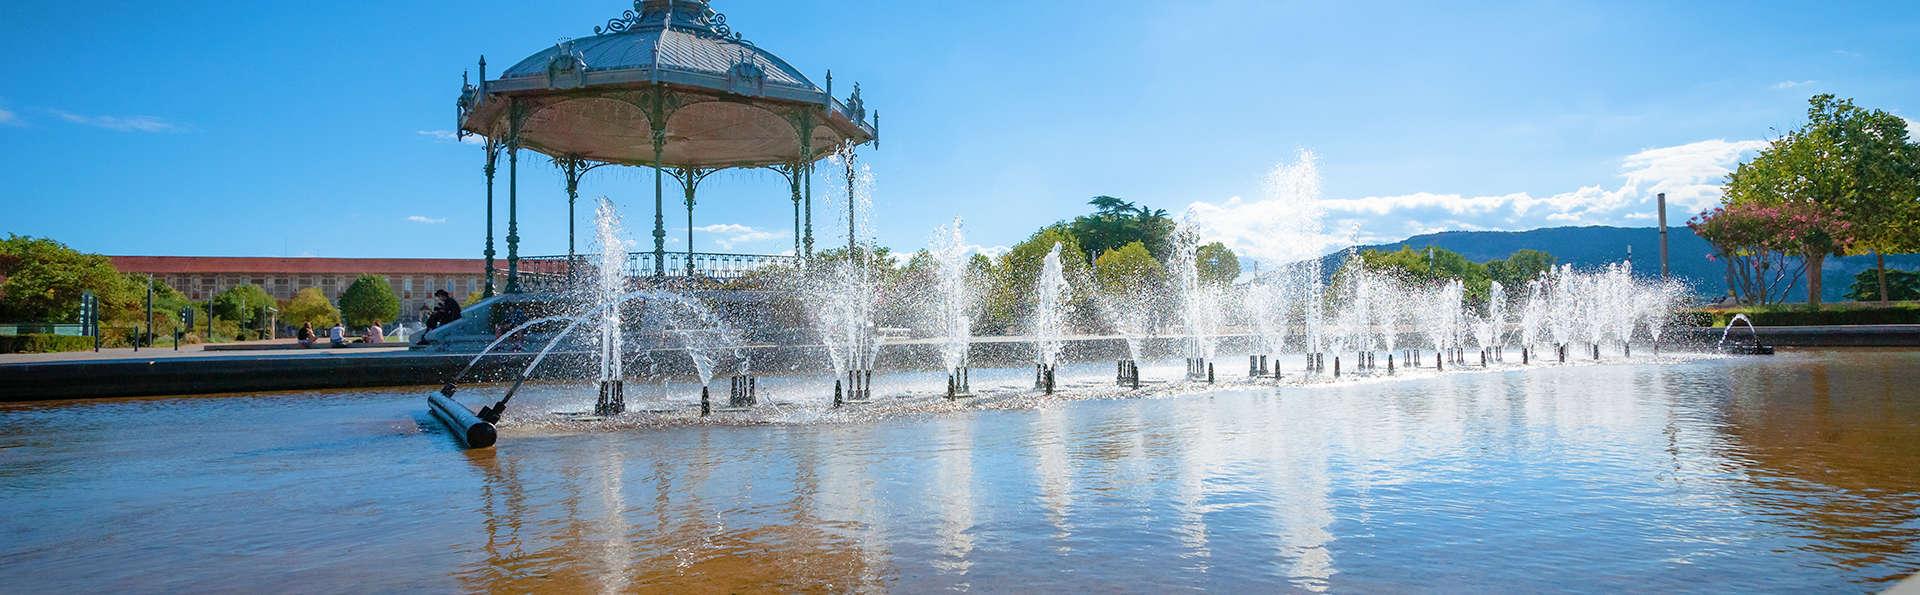 Vacancéole - Résidence Le Domaine du Lac - Edit_Le-Domaine-du-Lac_destination2.jpg